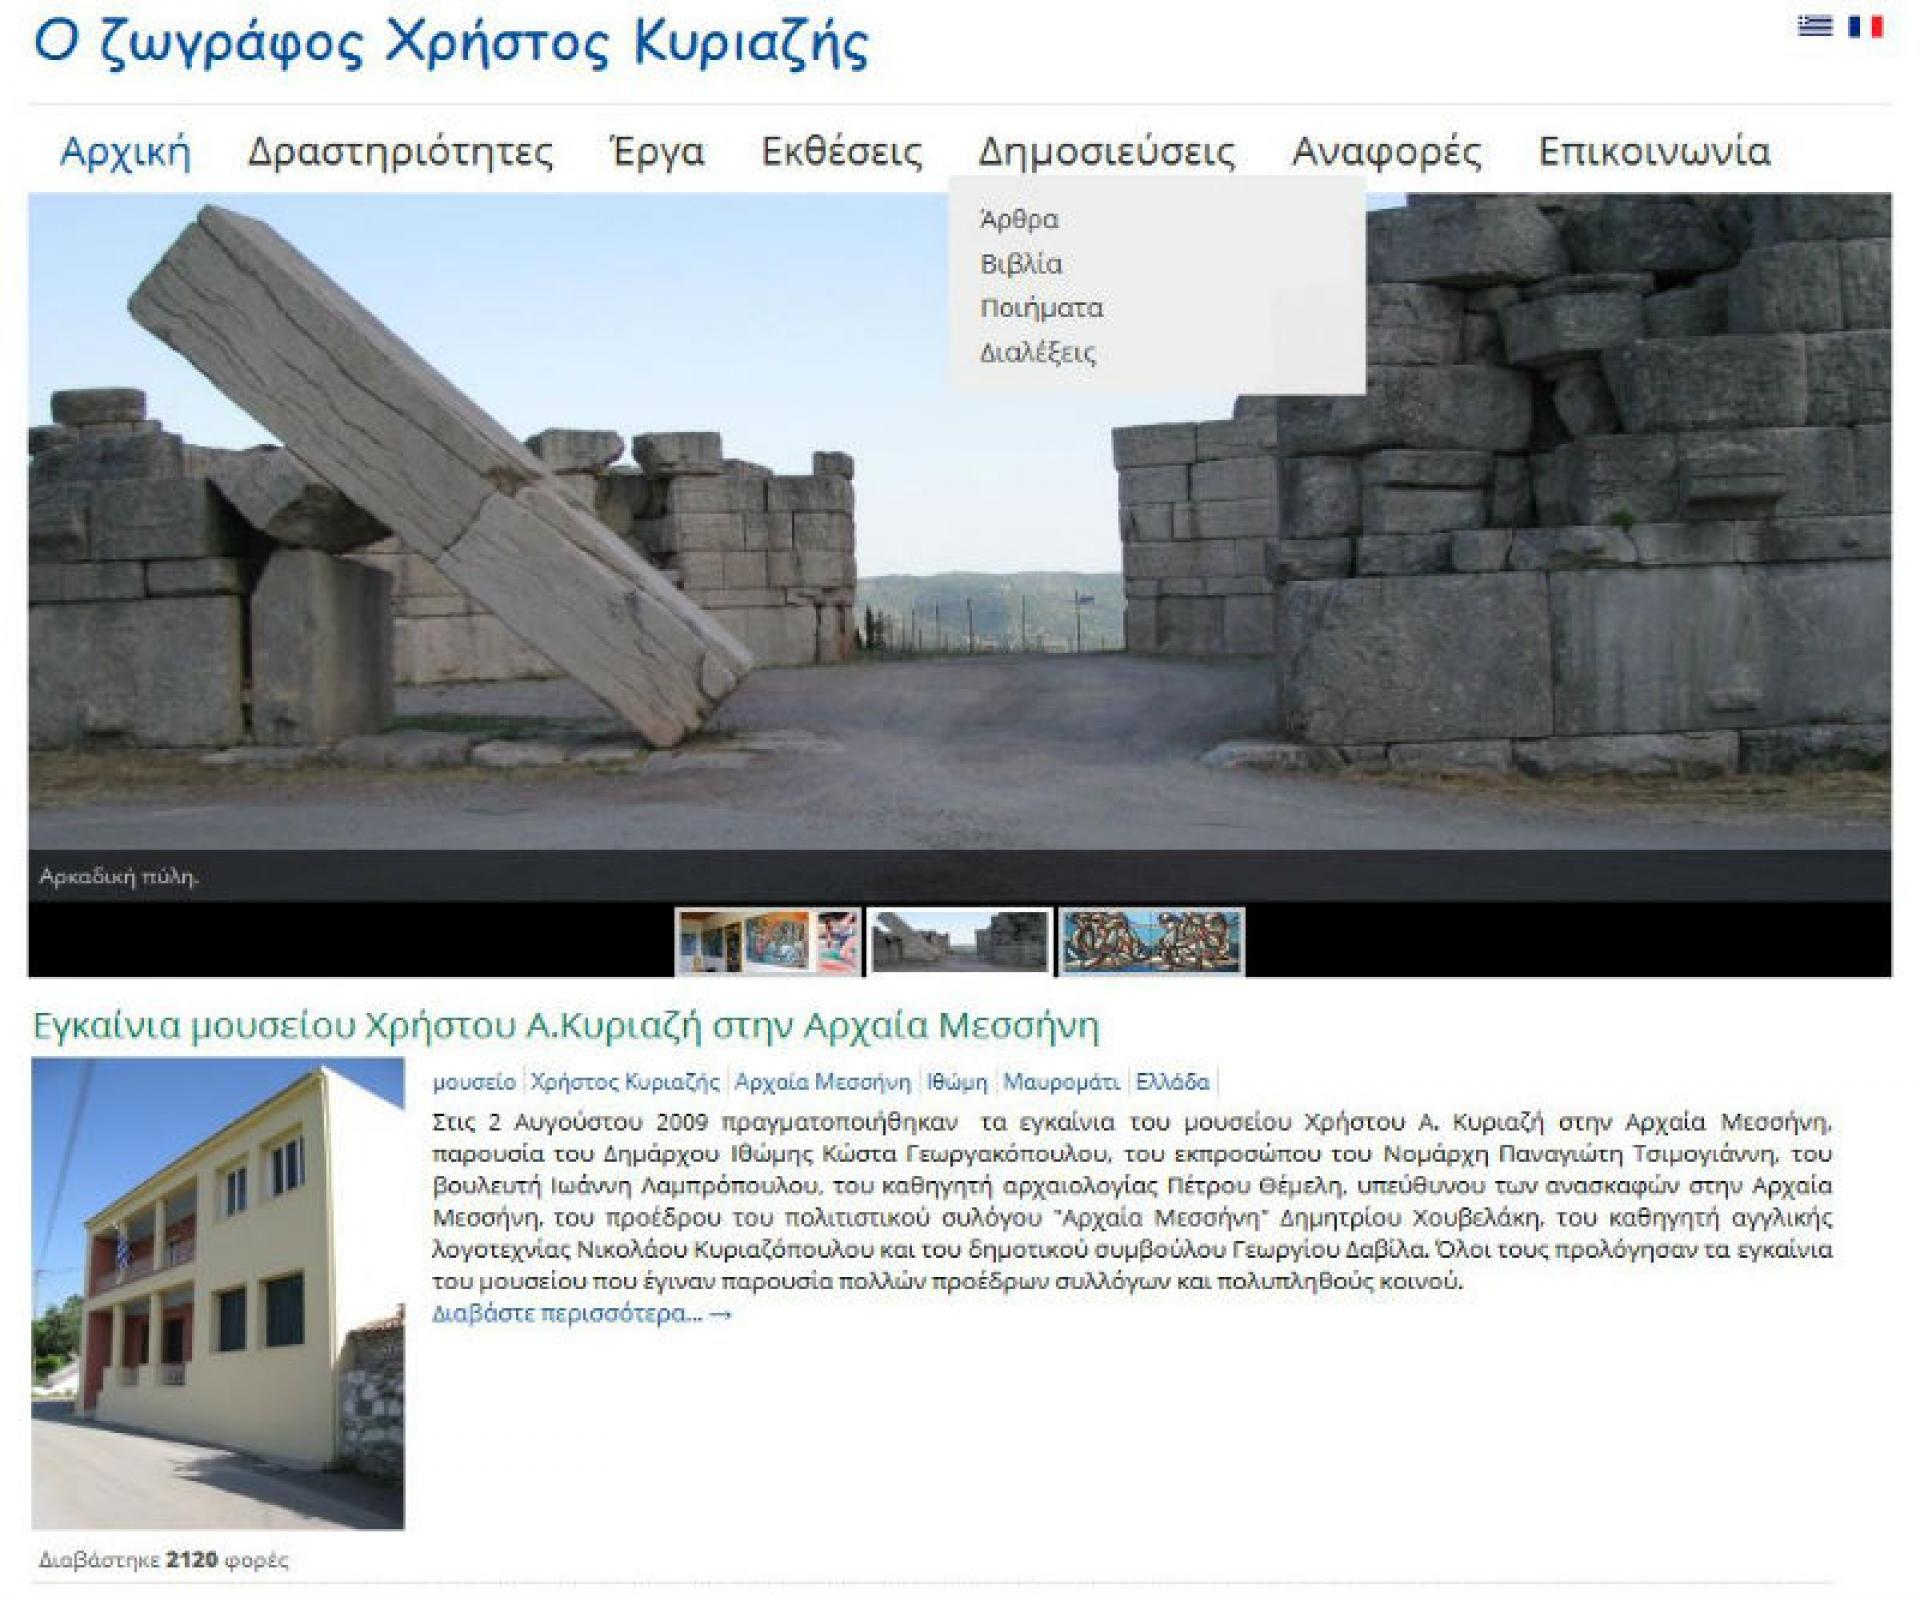 christoskyriazis.com